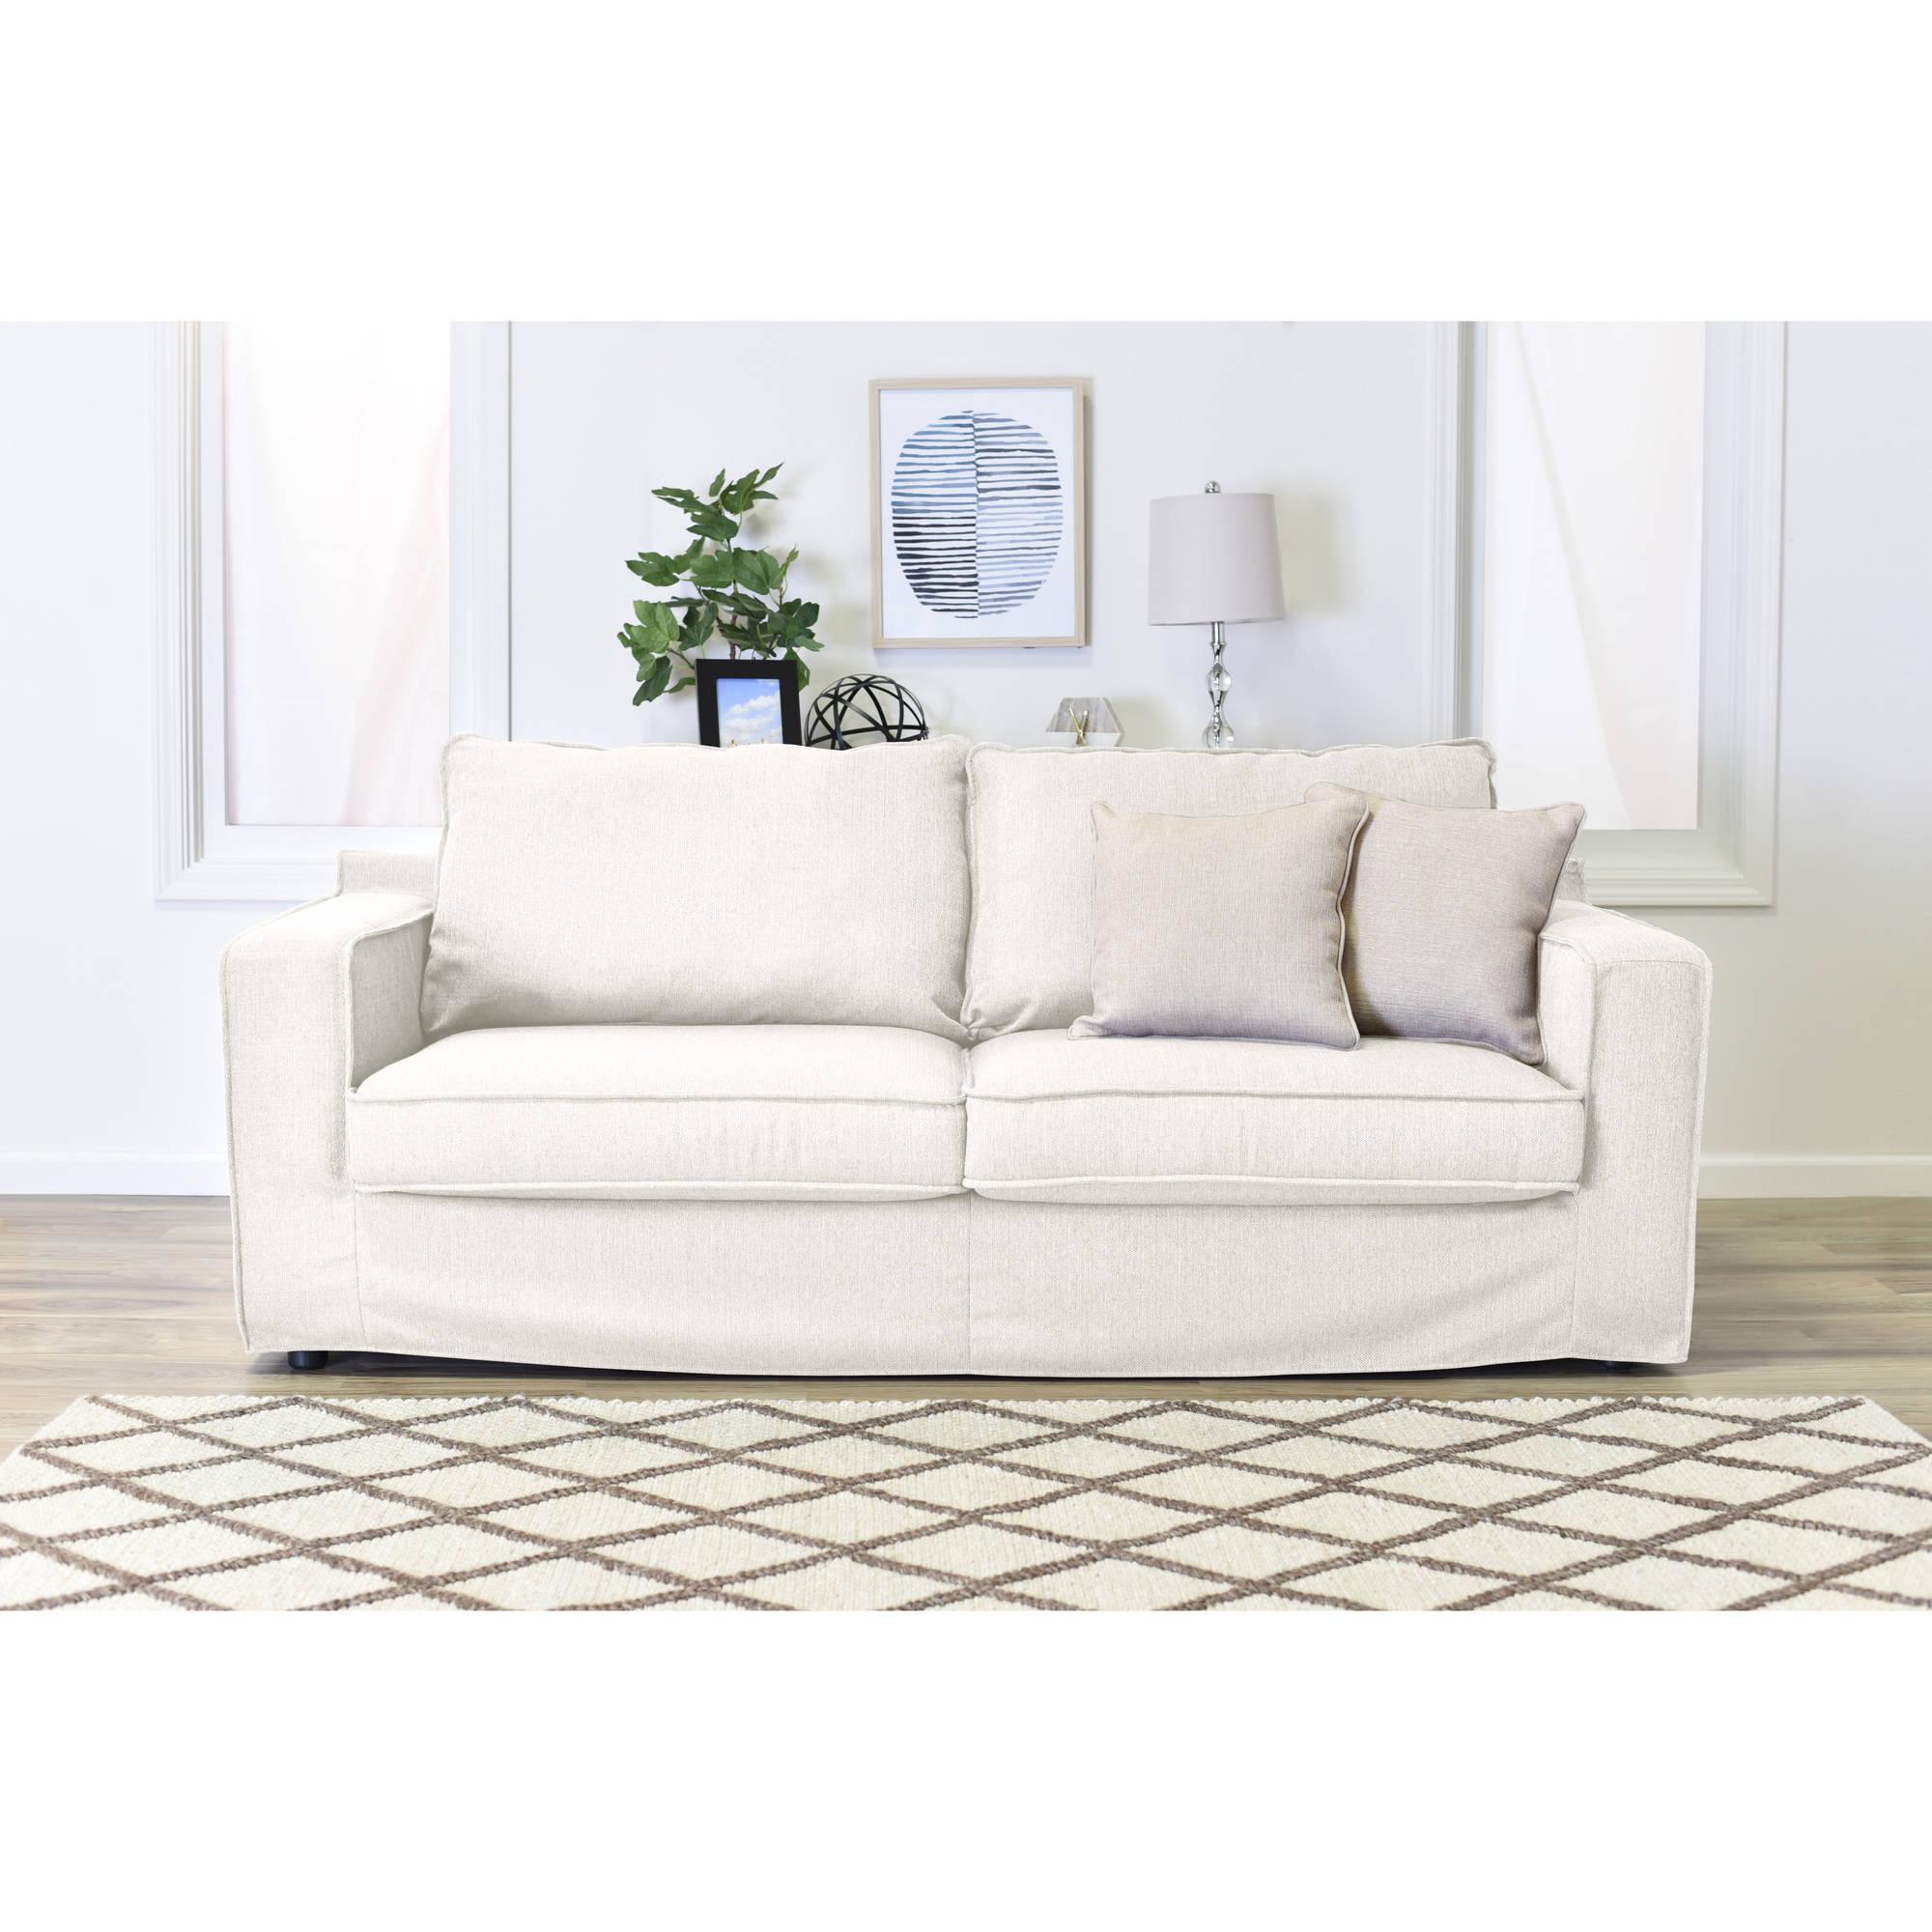 """Serta Colton 85"""" Sofa with Slipcover in Cream"""